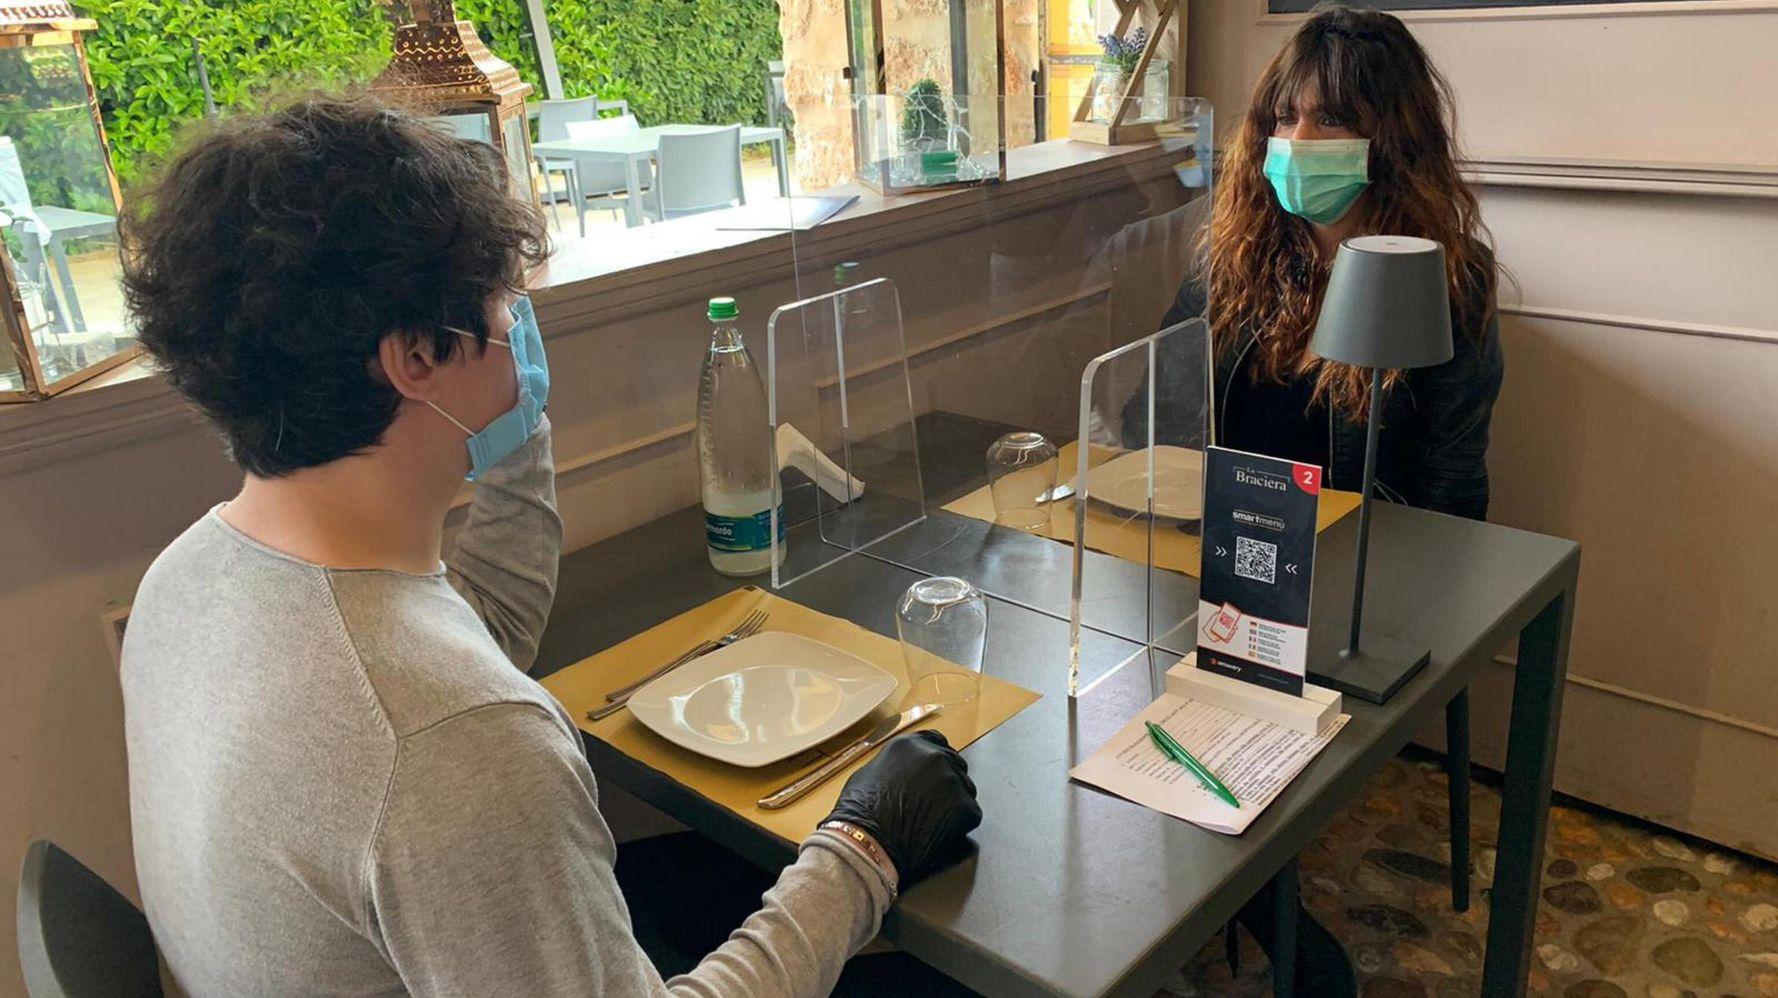 Divisori In Plexiglass Per Esterni tavoli al ristorante con plexiglass